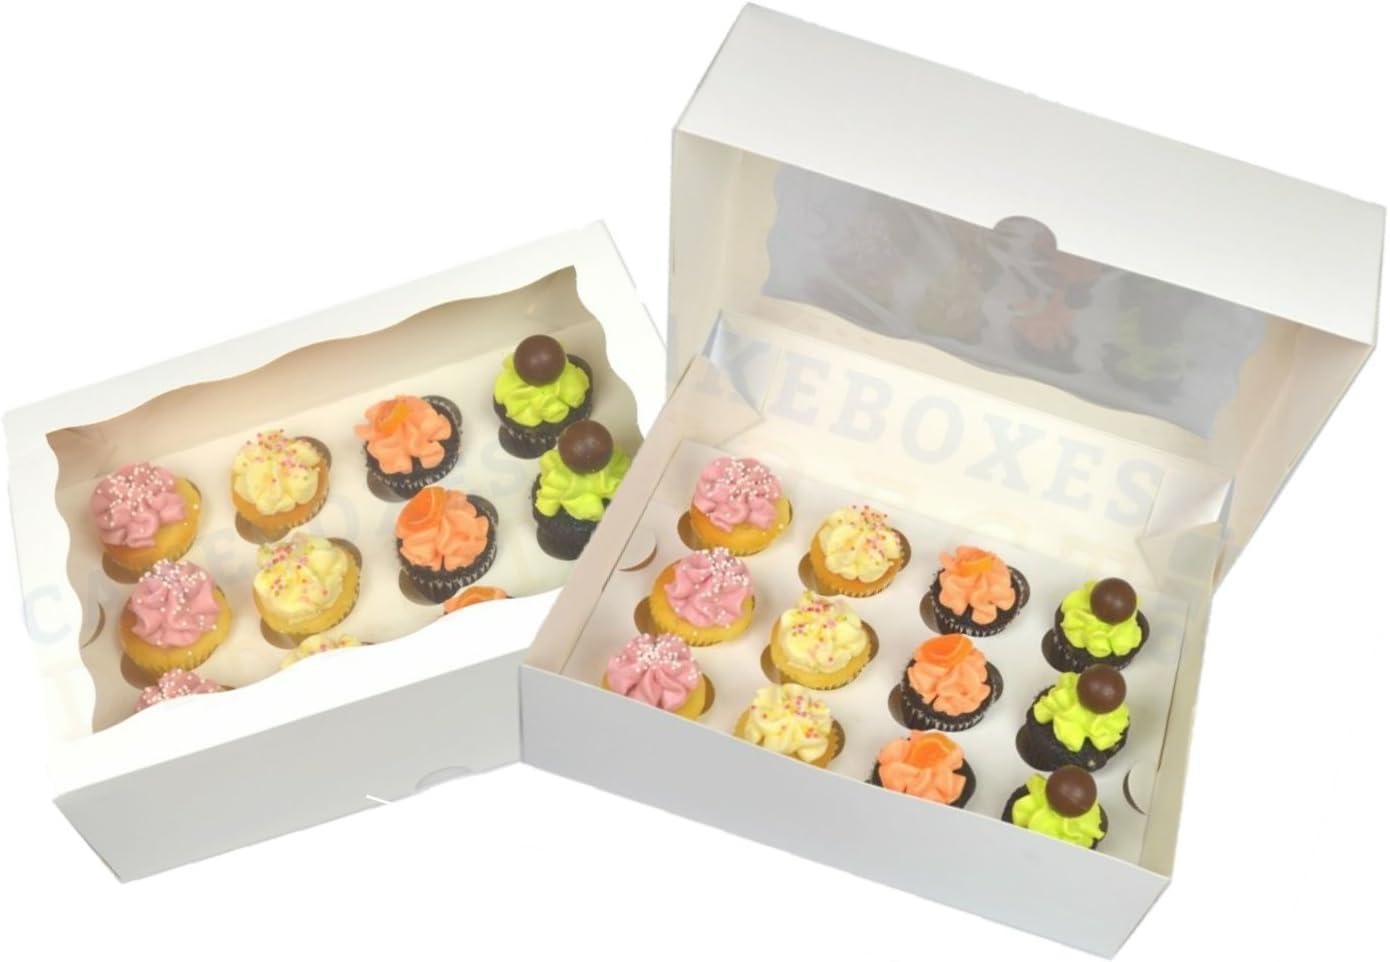 Lot De Cinq 1ere Classe Post Premium Boite A Mini Cupcakes Pour 12 Cupcakes Avec Fenetre Et Intercalaire Patisserie Boites De Transport Pour Gateaux En Carton